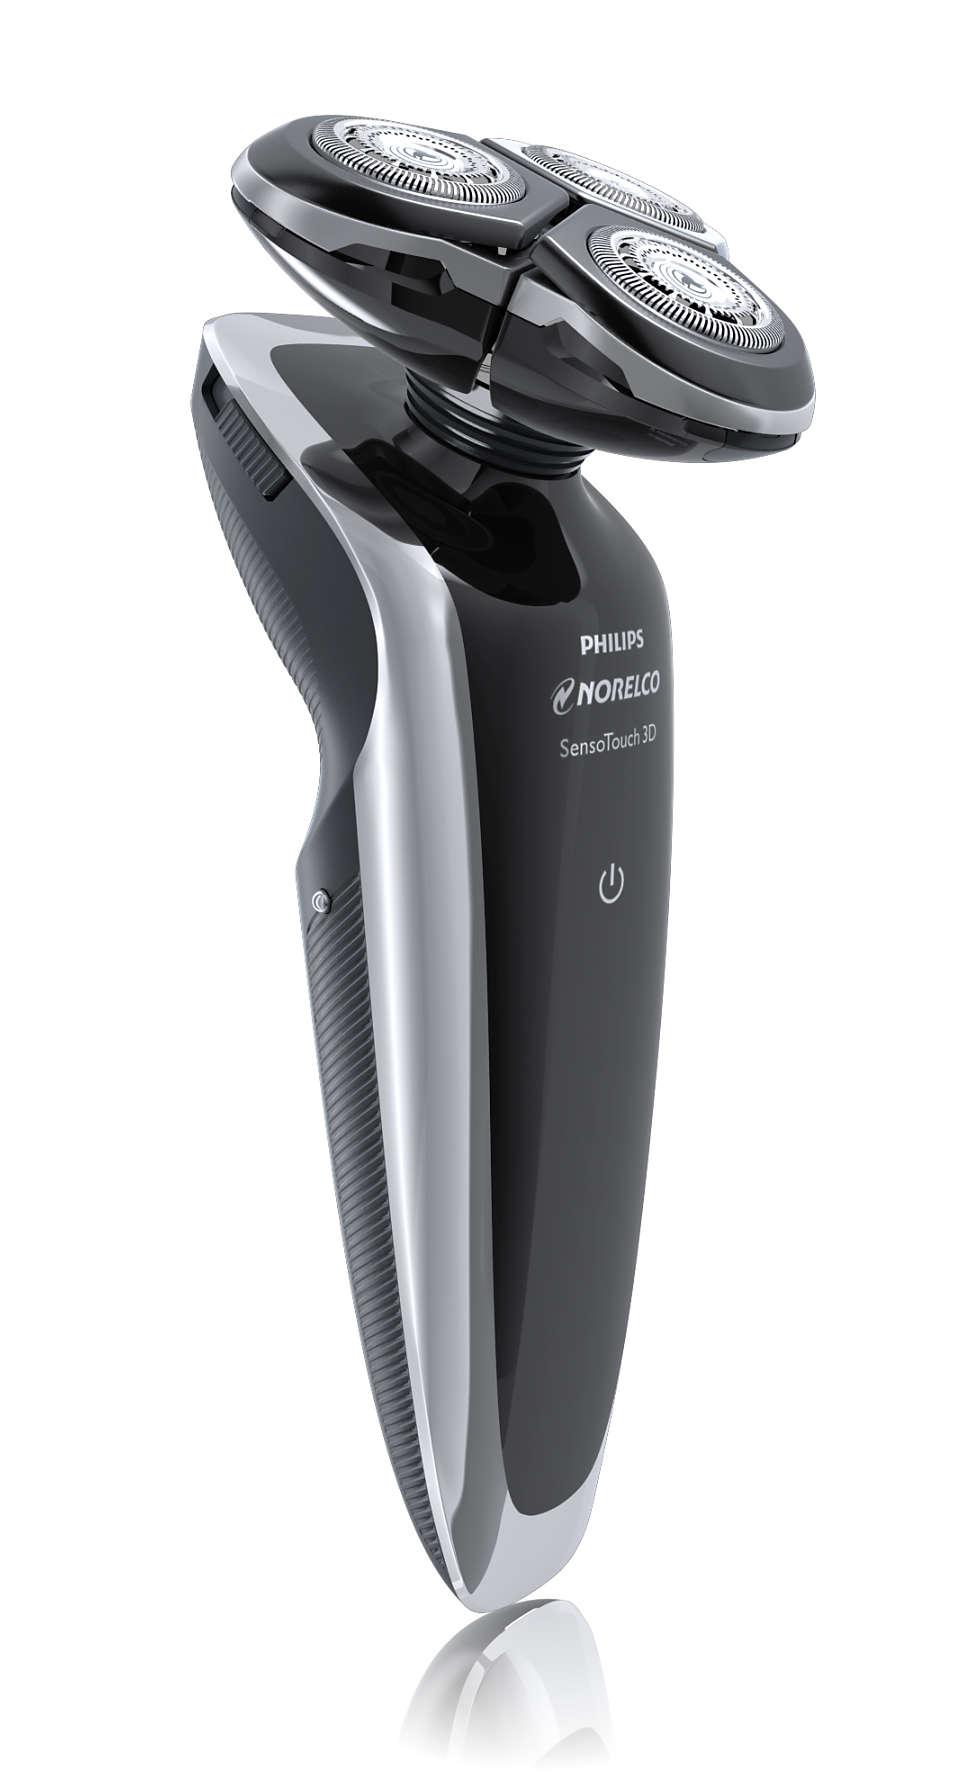 Serie 8000 - Para disfrutar de la mejor afeitada